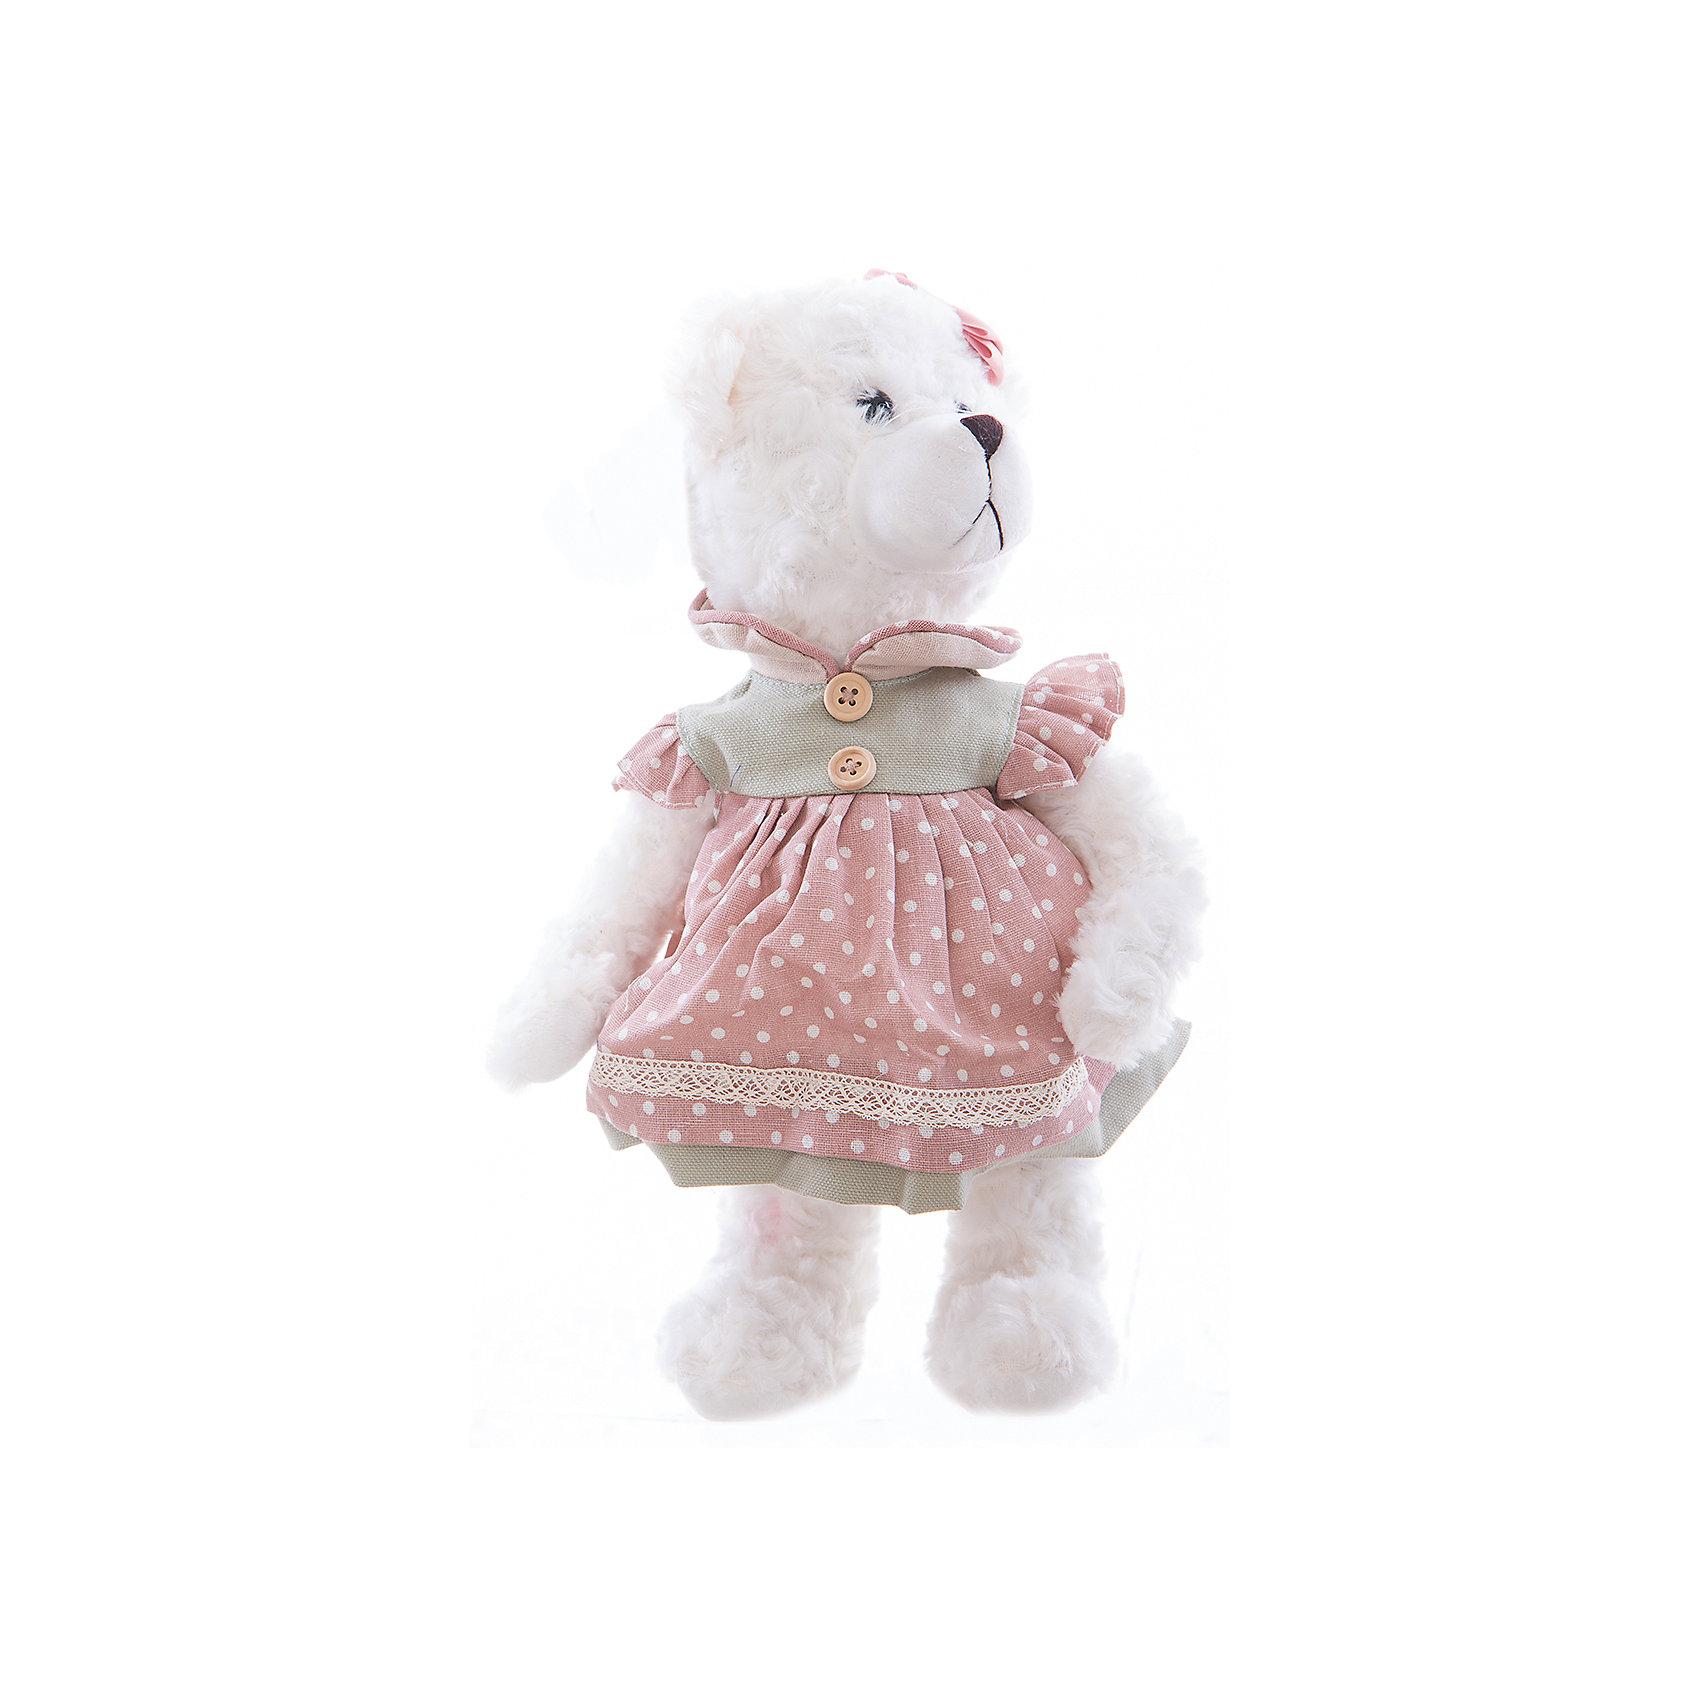 Интерьерная кукла Мишка C21-148615, EstroПредметы интерьера<br>Характеристики интерьерной куклы:<br><br>- материал: плюшевые<br>- размеры: 25*30*35 см<br>- бренд: Estro<br>- состав: дерево, полиэстер, текстиль, полиэфир<br>- тип игрушки: животные, мягкая игрушка<br>- персонаж: медведь<br>- вид упаковки: коробка<br>- возрастные ограничения: 3+<br>- страна бренда: Италия<br>- страна производитель: Китай<br>- комплектация: игрушка<br><br>Это не просто дизайнерская игрушка, а интерьерная кукла ручной работы в виде белого мишки, которая прекрасно впишется в самый изысканный и стильный интерьер и идеально подойдет под Ваши новые шторы или станет прекрасным подарком для любого случая. <br><br>Интерьерную куклу медвежонок итальянской торговой марки Estro можно купить в нашем интернет-магазине.<br><br>Ширина мм: 150<br>Глубина мм: 150<br>Высота мм: 350<br>Вес г: 323<br>Возраст от месяцев: 36<br>Возраст до месяцев: 1188<br>Пол: Женский<br>Возраст: Детский<br>SKU: 5356609